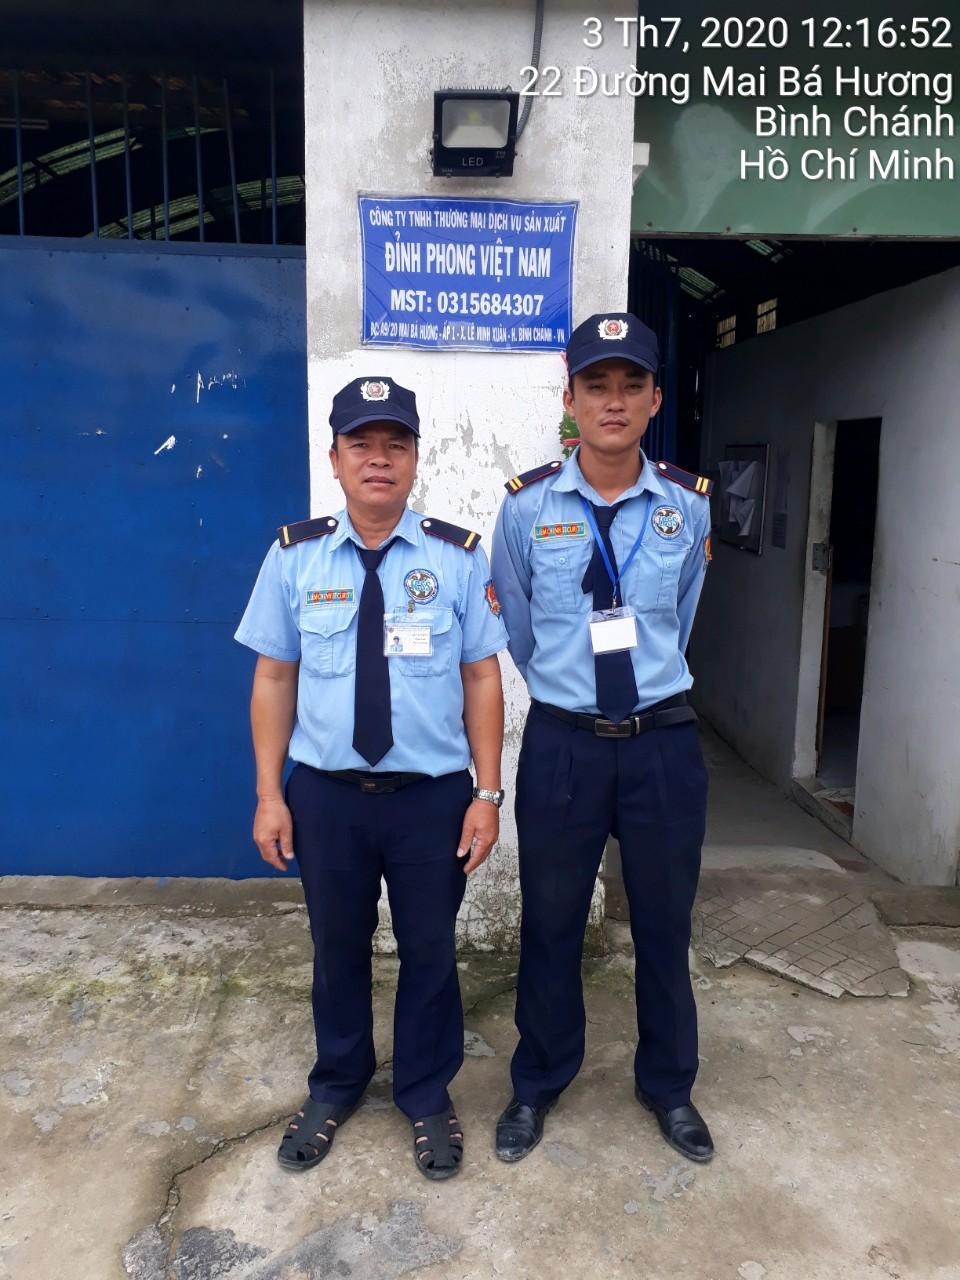 Dịch vụ bảo vệ khu công nghiệp Tân Bình